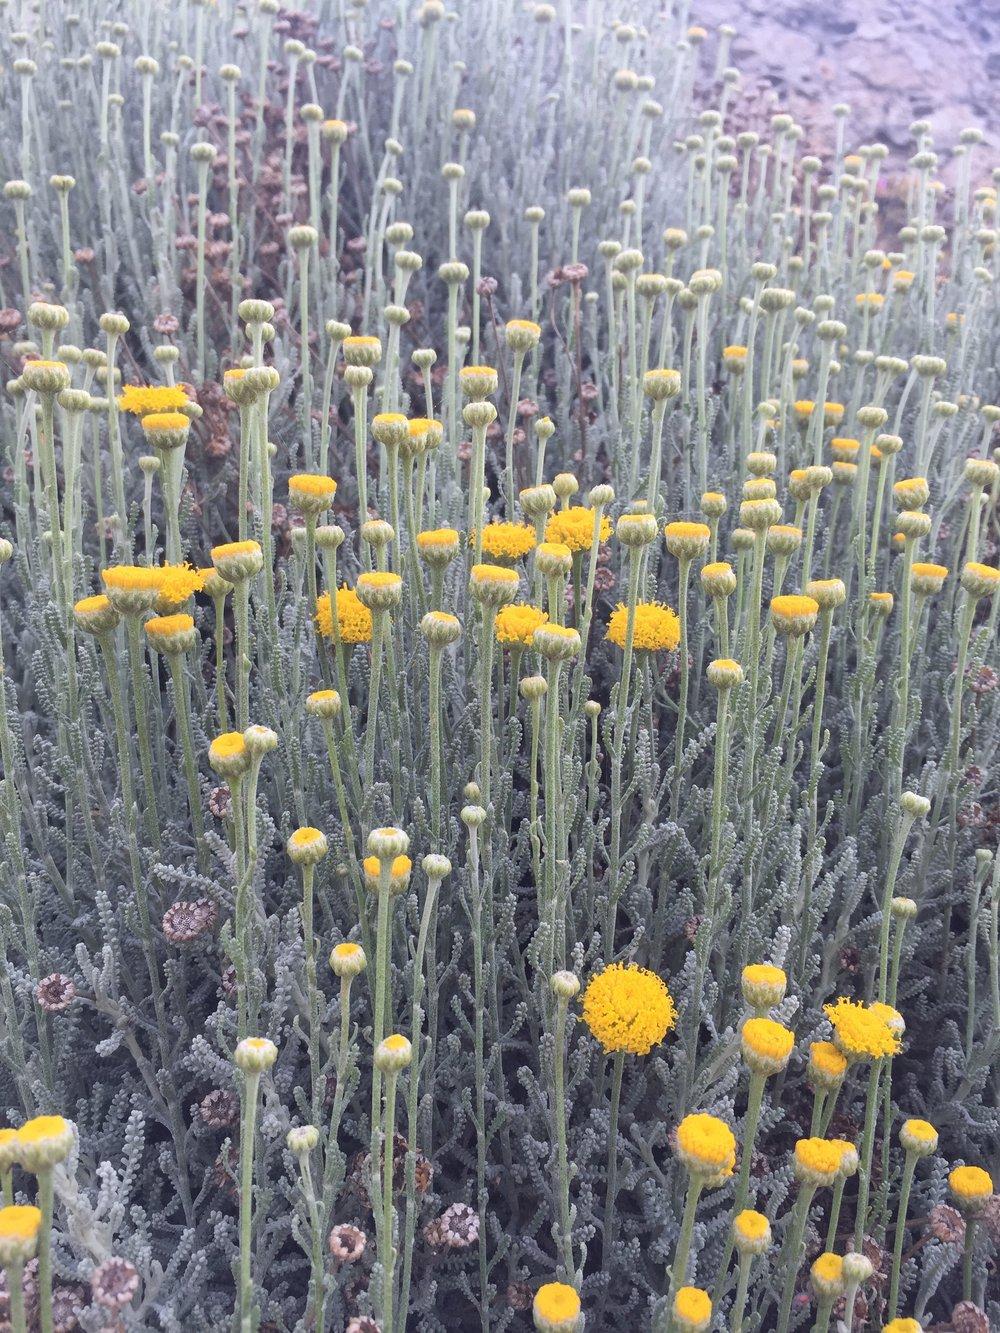 Flowers_SF_Lands_End.JPG